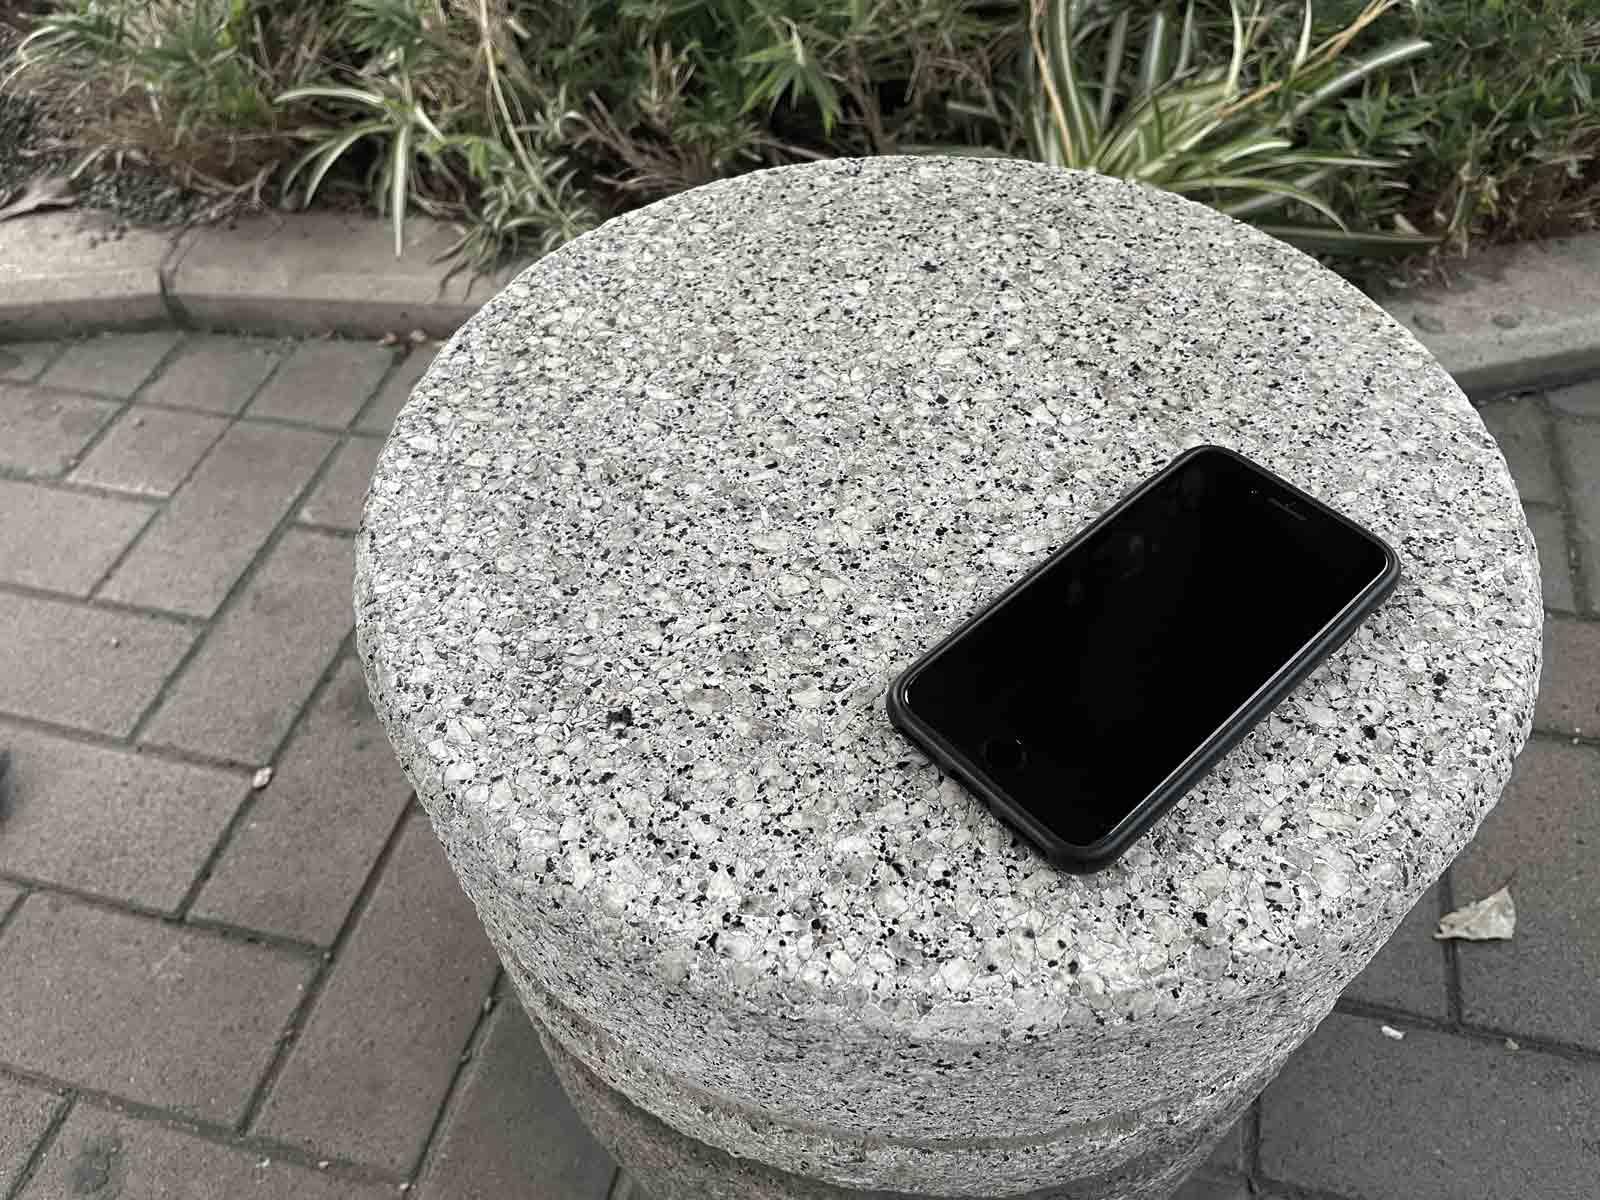 ベンチに置き去りにされたスマートフォン